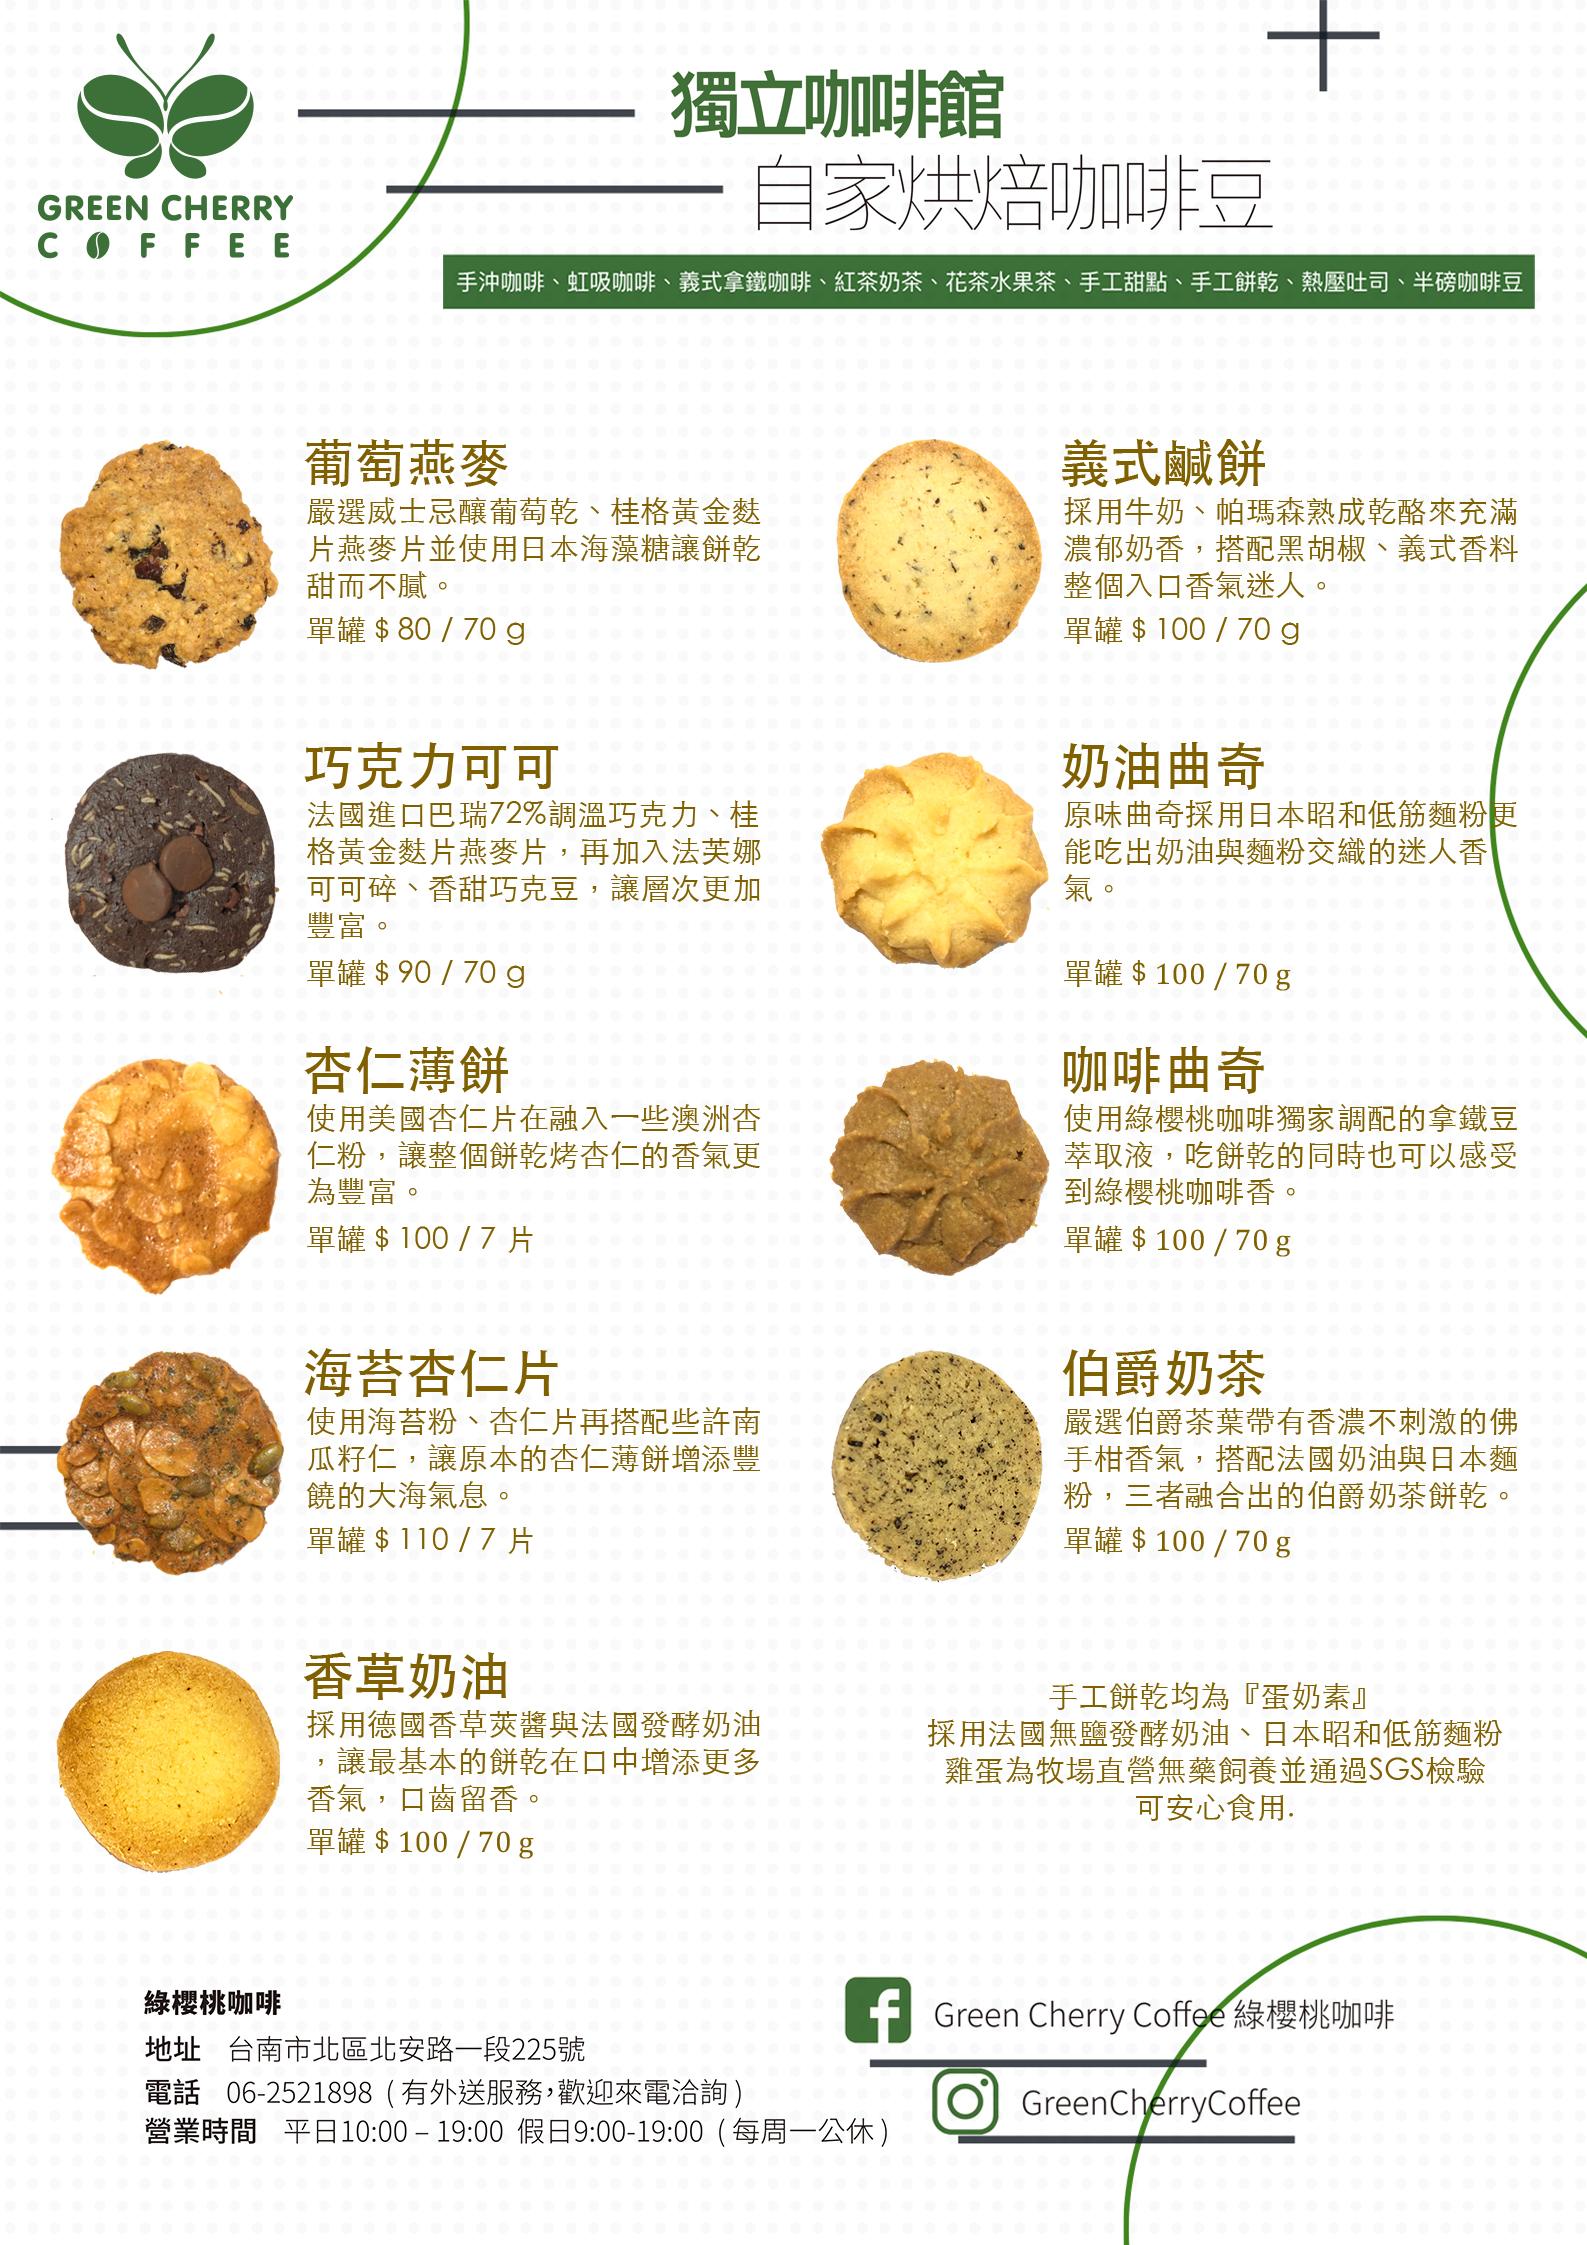 全系列手工餅乾介紹